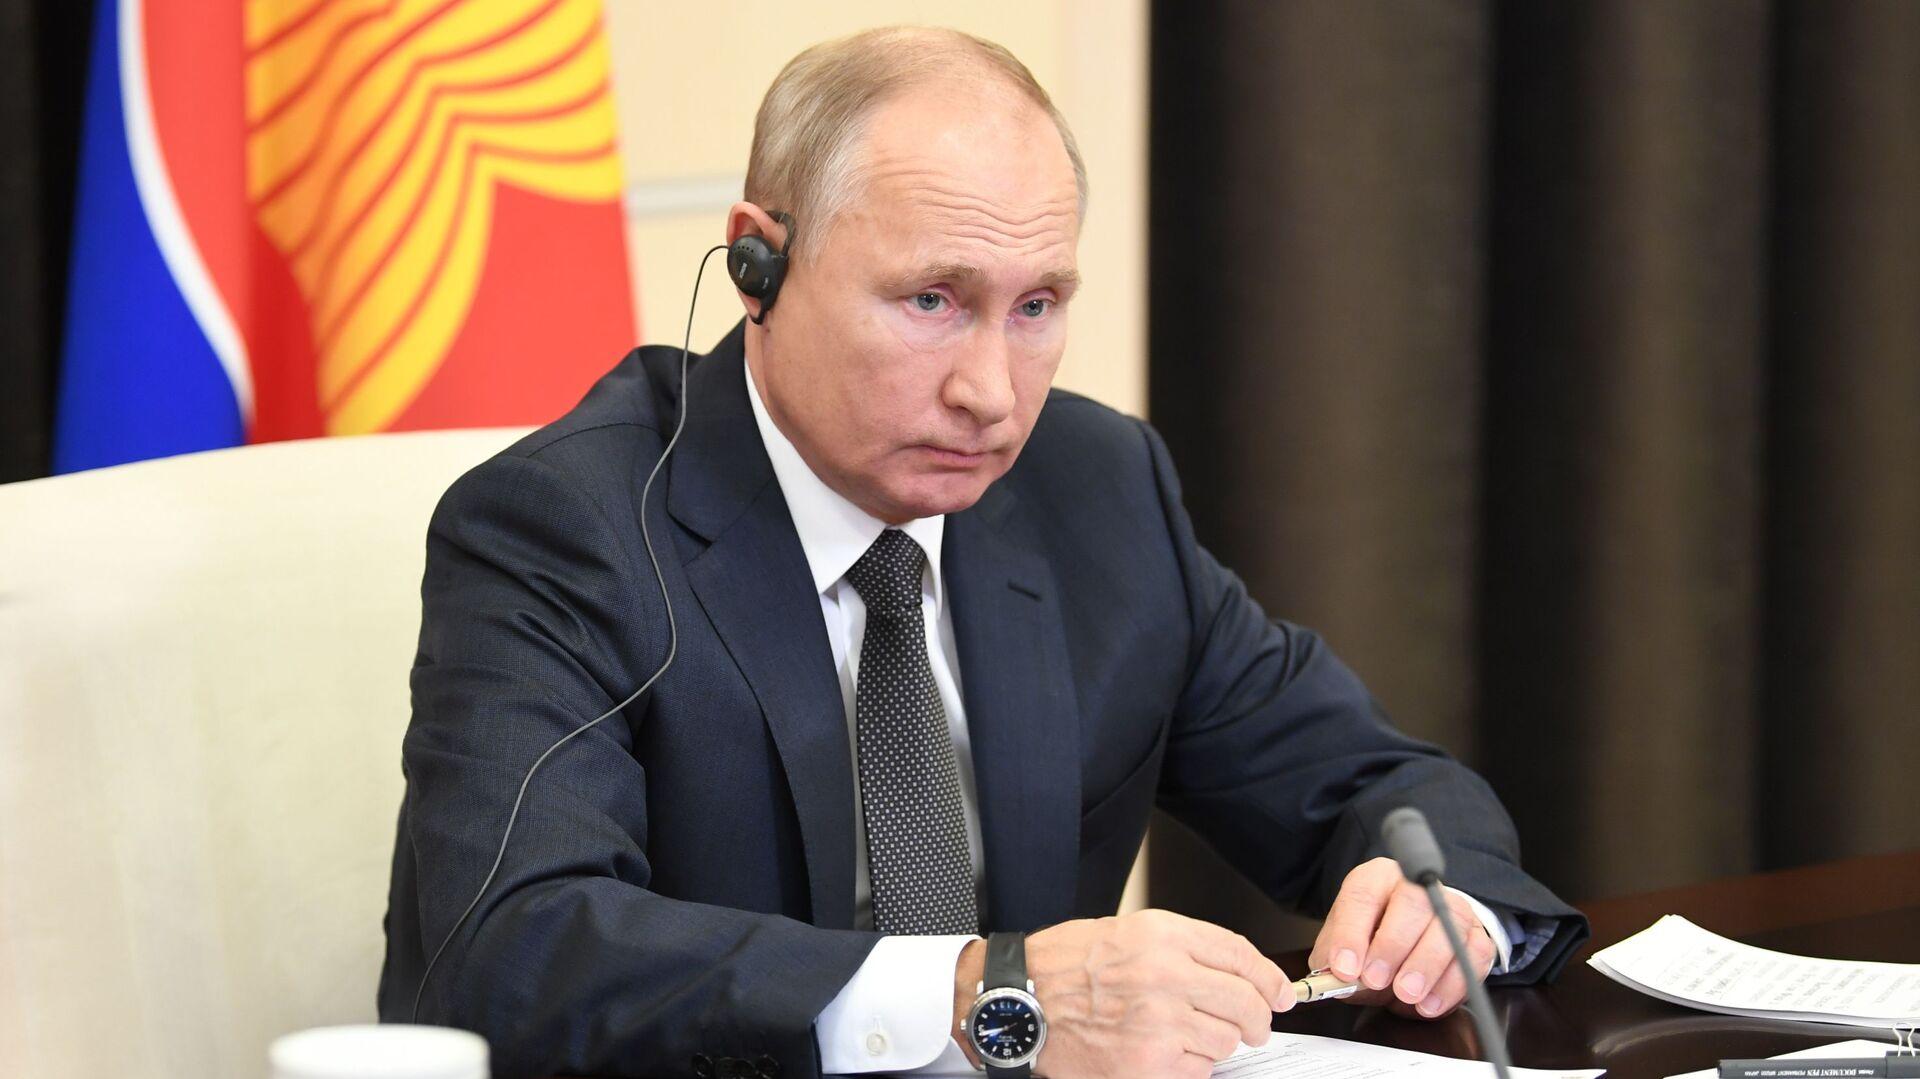 Il presidente russo Vladimir Putin al 15° vertice dell'Asia orientale - Sputnik Italia, 1920, 06.05.2021